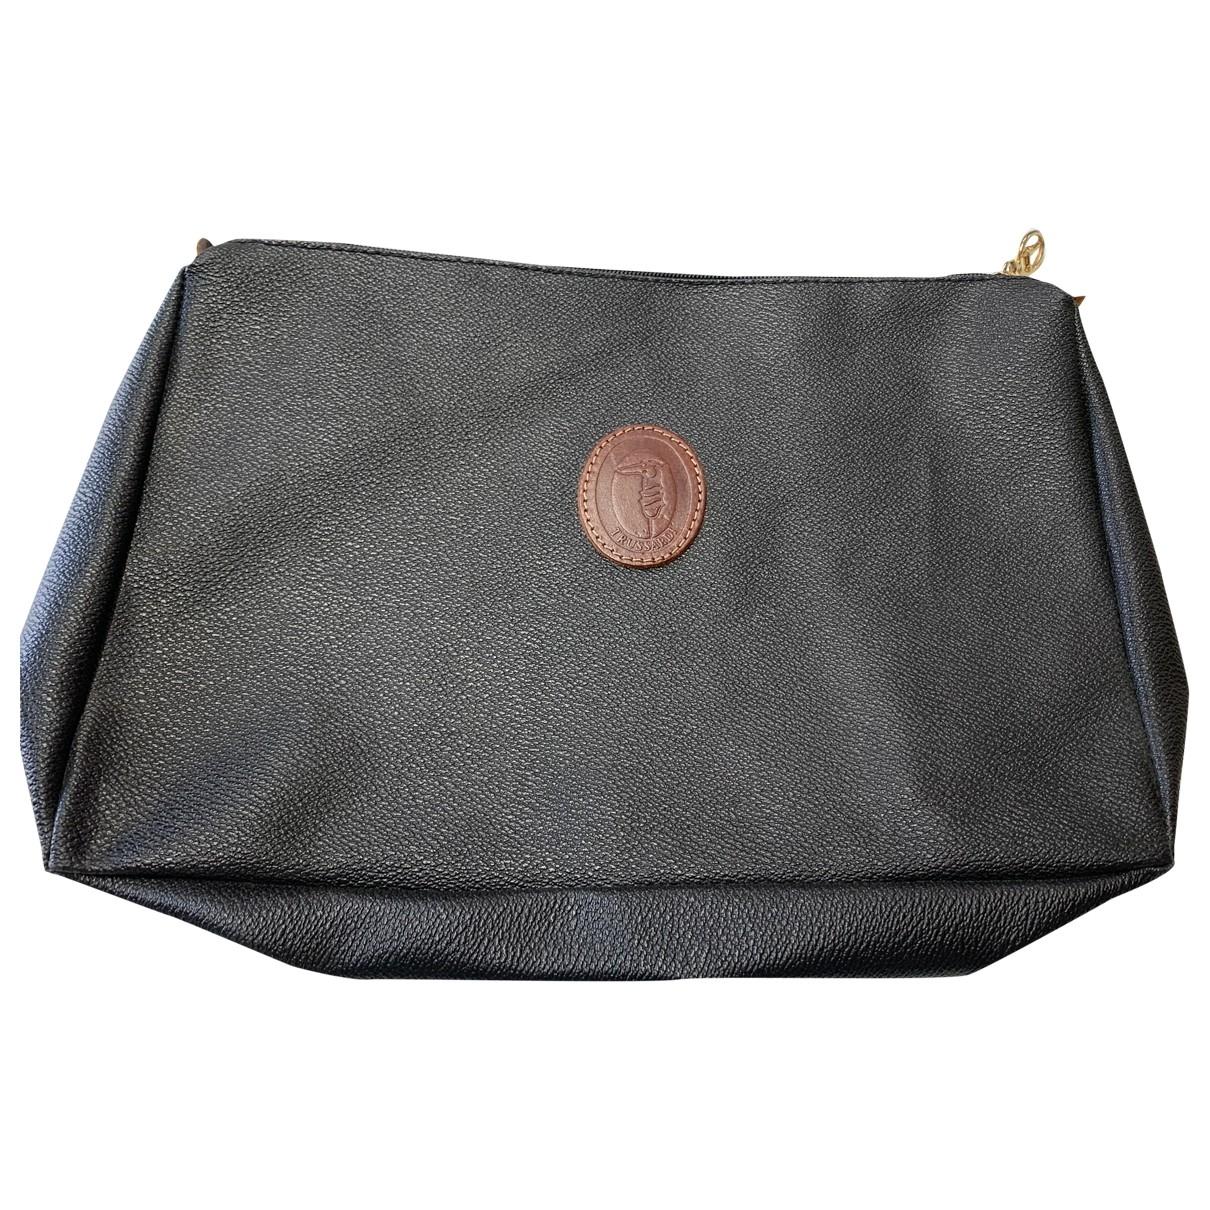 Trussardi \N Black handbag for Women \N